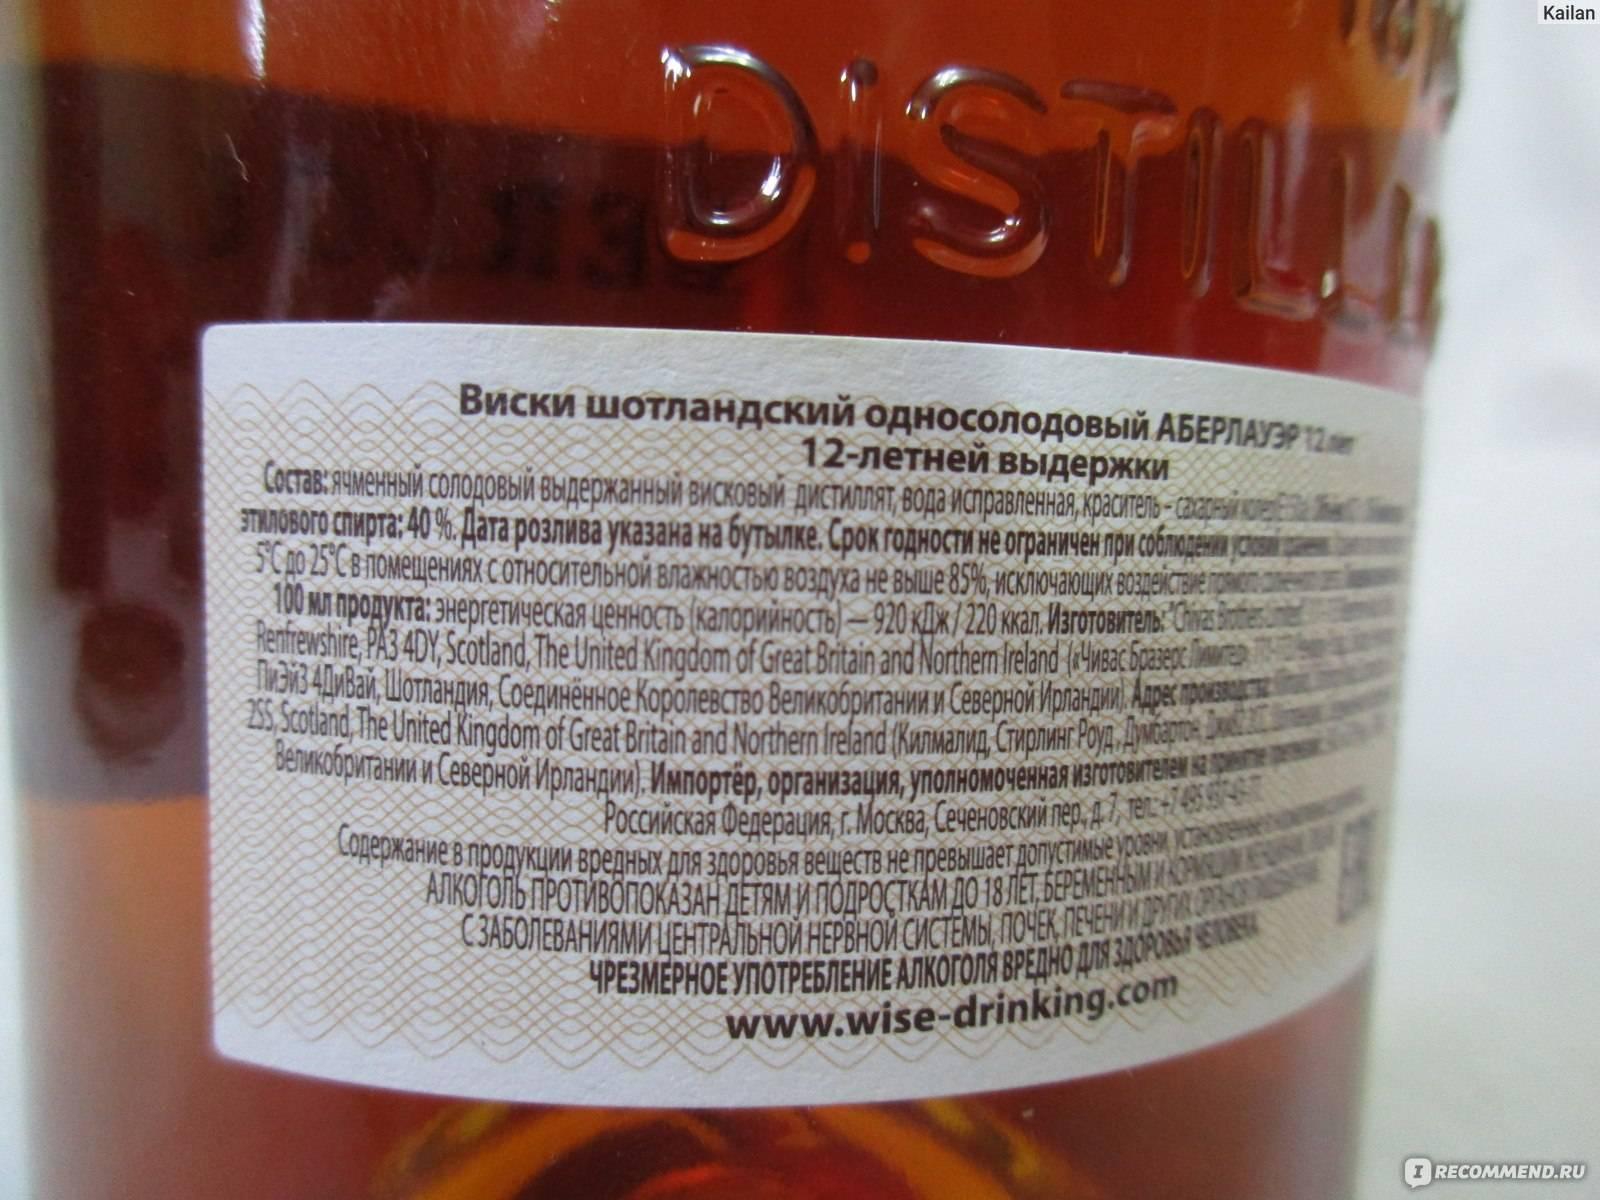 Сколько можно, и как правильно хранить виски в домашних условиях